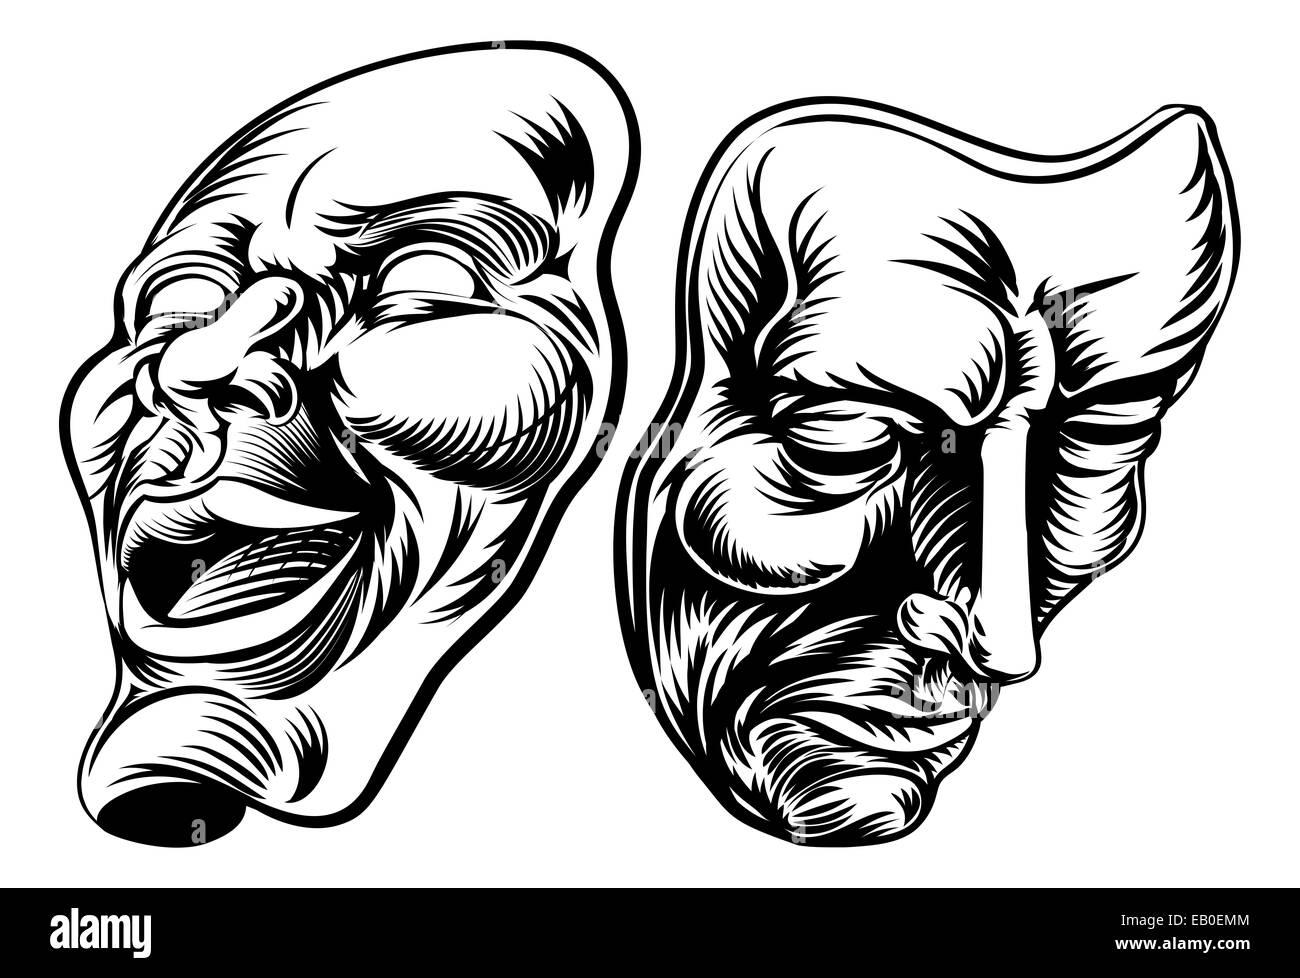 tecnologie sofisticate goditi il prezzo più basso scarpe eleganti Un disegno originale di maschere teatrali, la commedia e la ...